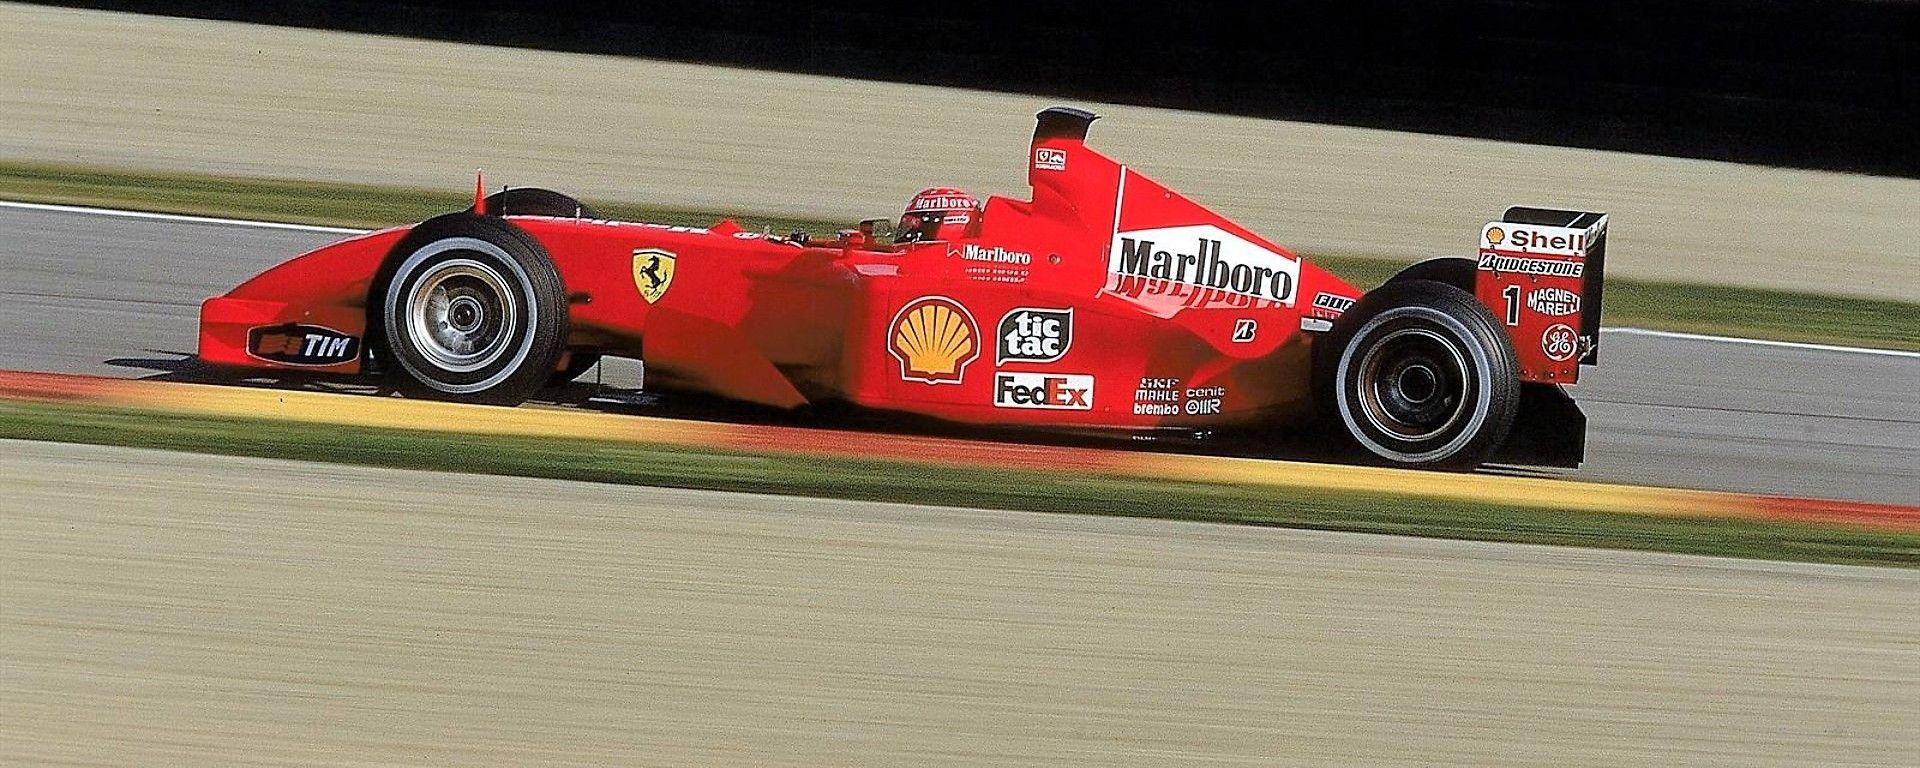 Ferrari F1: all'asta la monoposto 2001 di Michael Schumacher